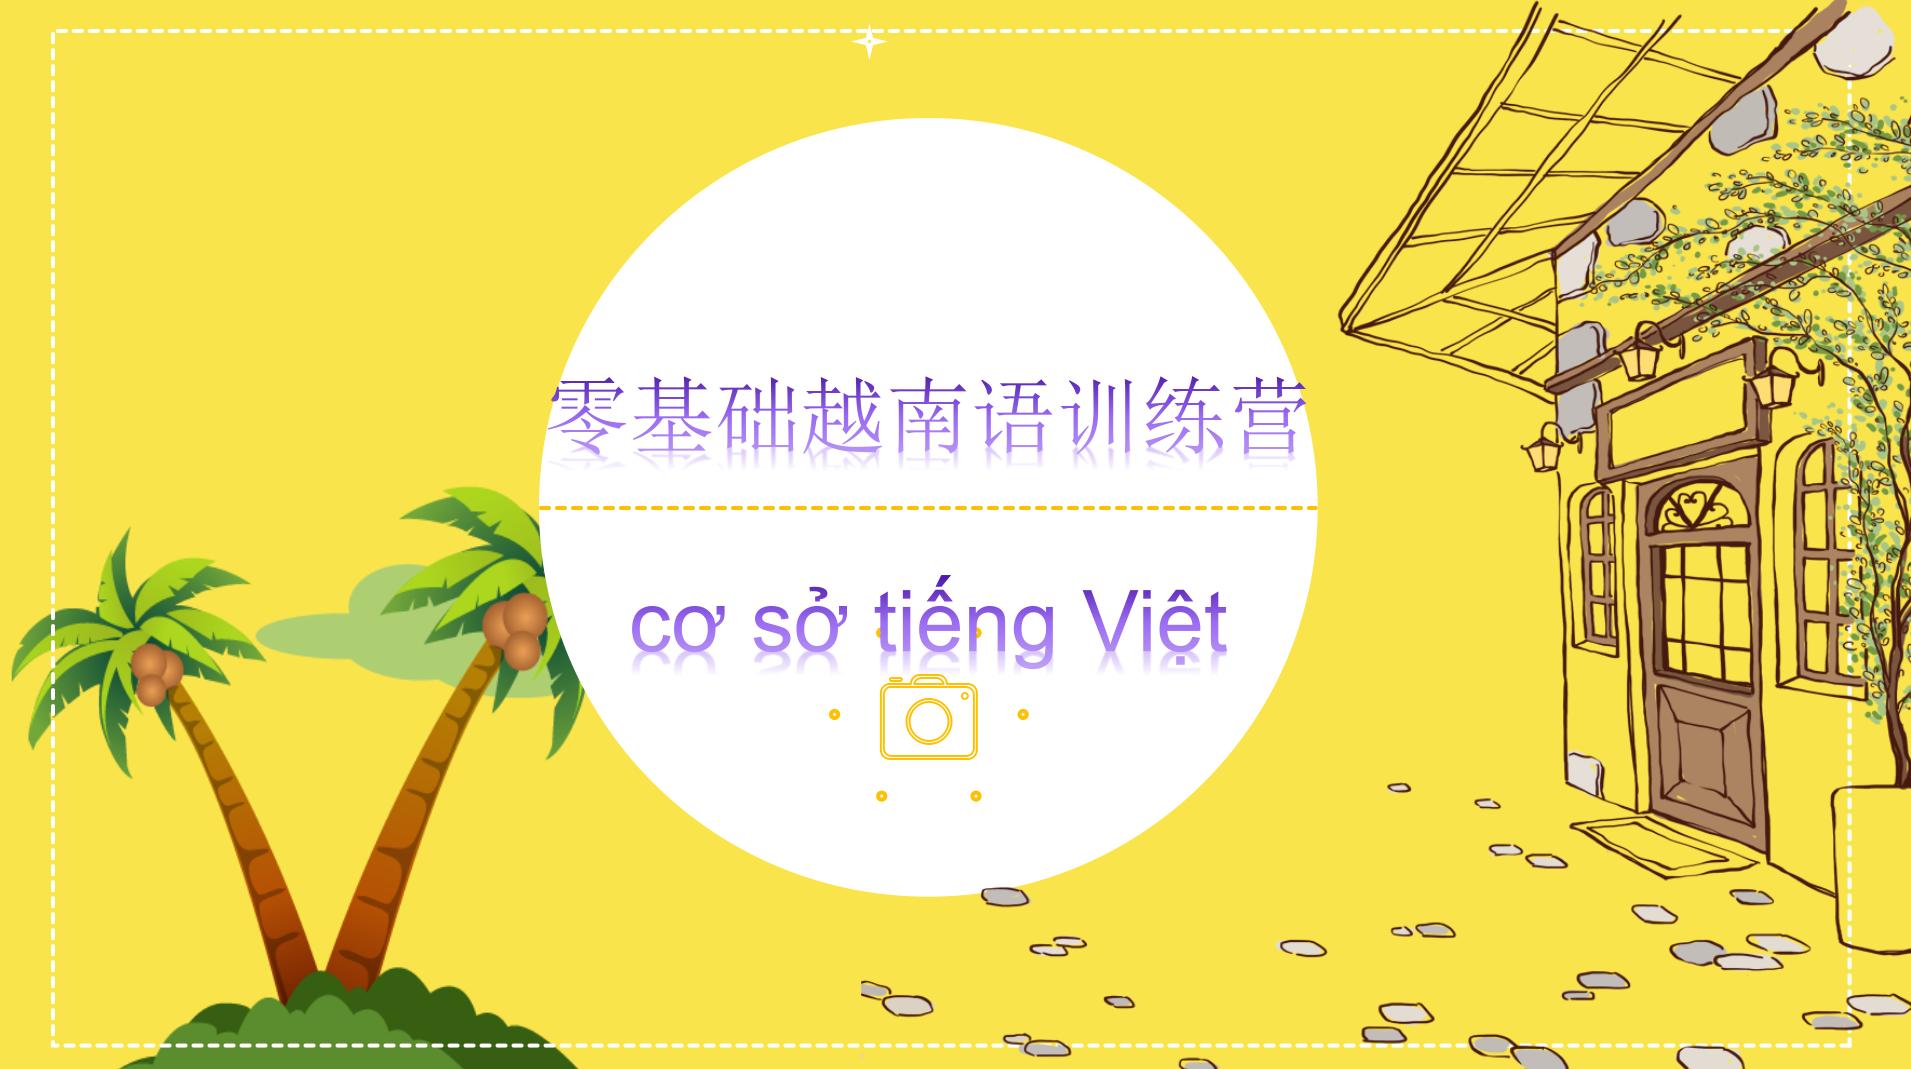 零基础越南语试听